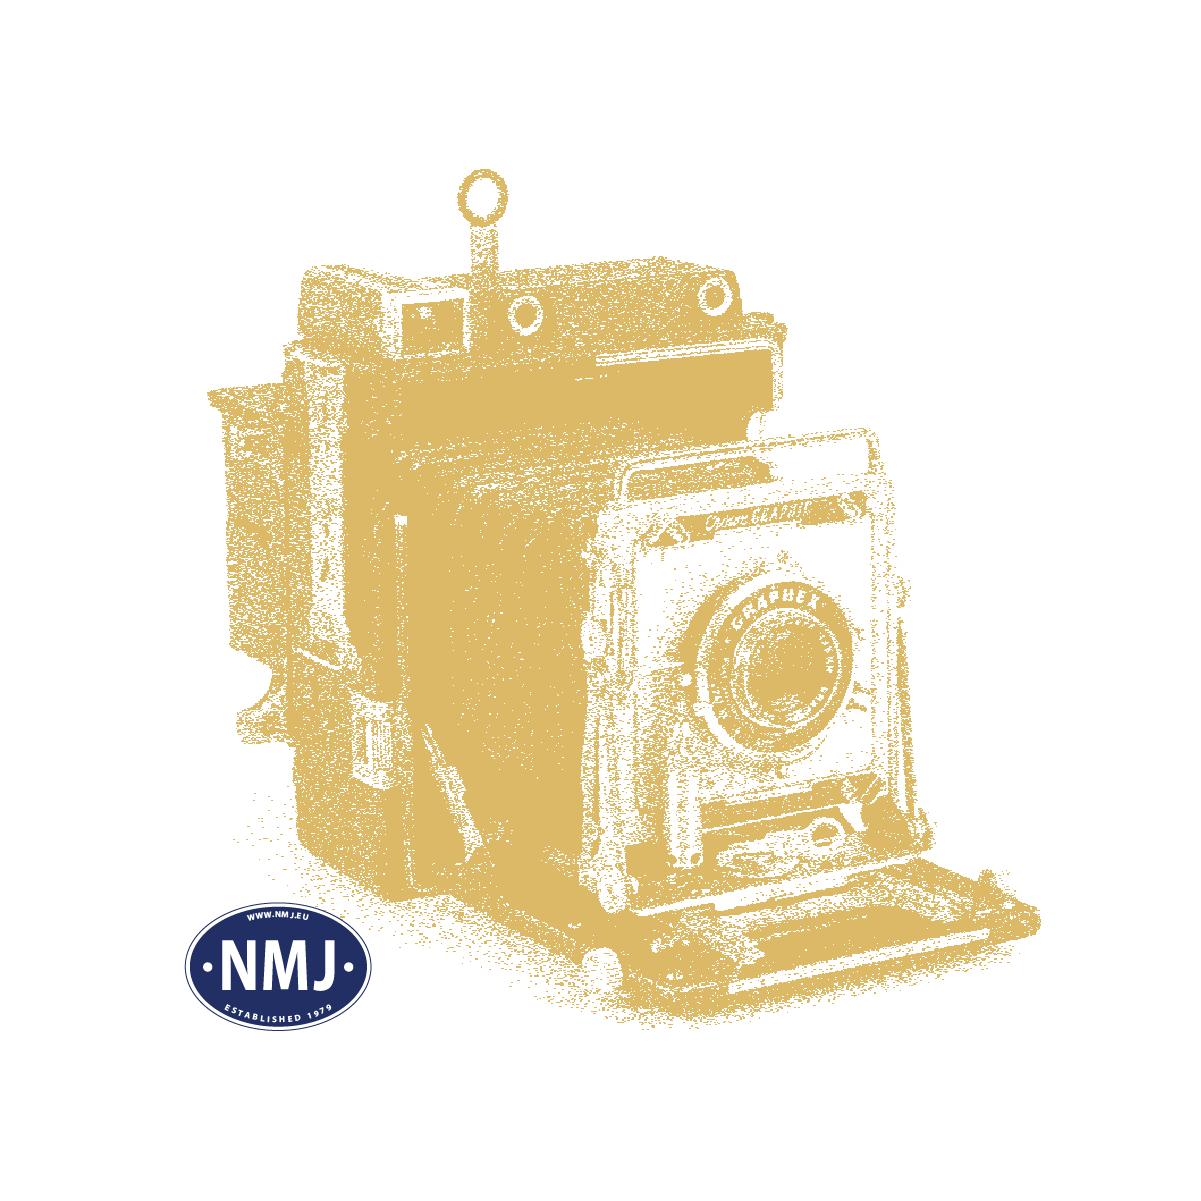 NMJT505.502 - NMJ Topline Rps 31 76 393 3 239-2 Flachwagen der NSB beladen mit Holzbretter